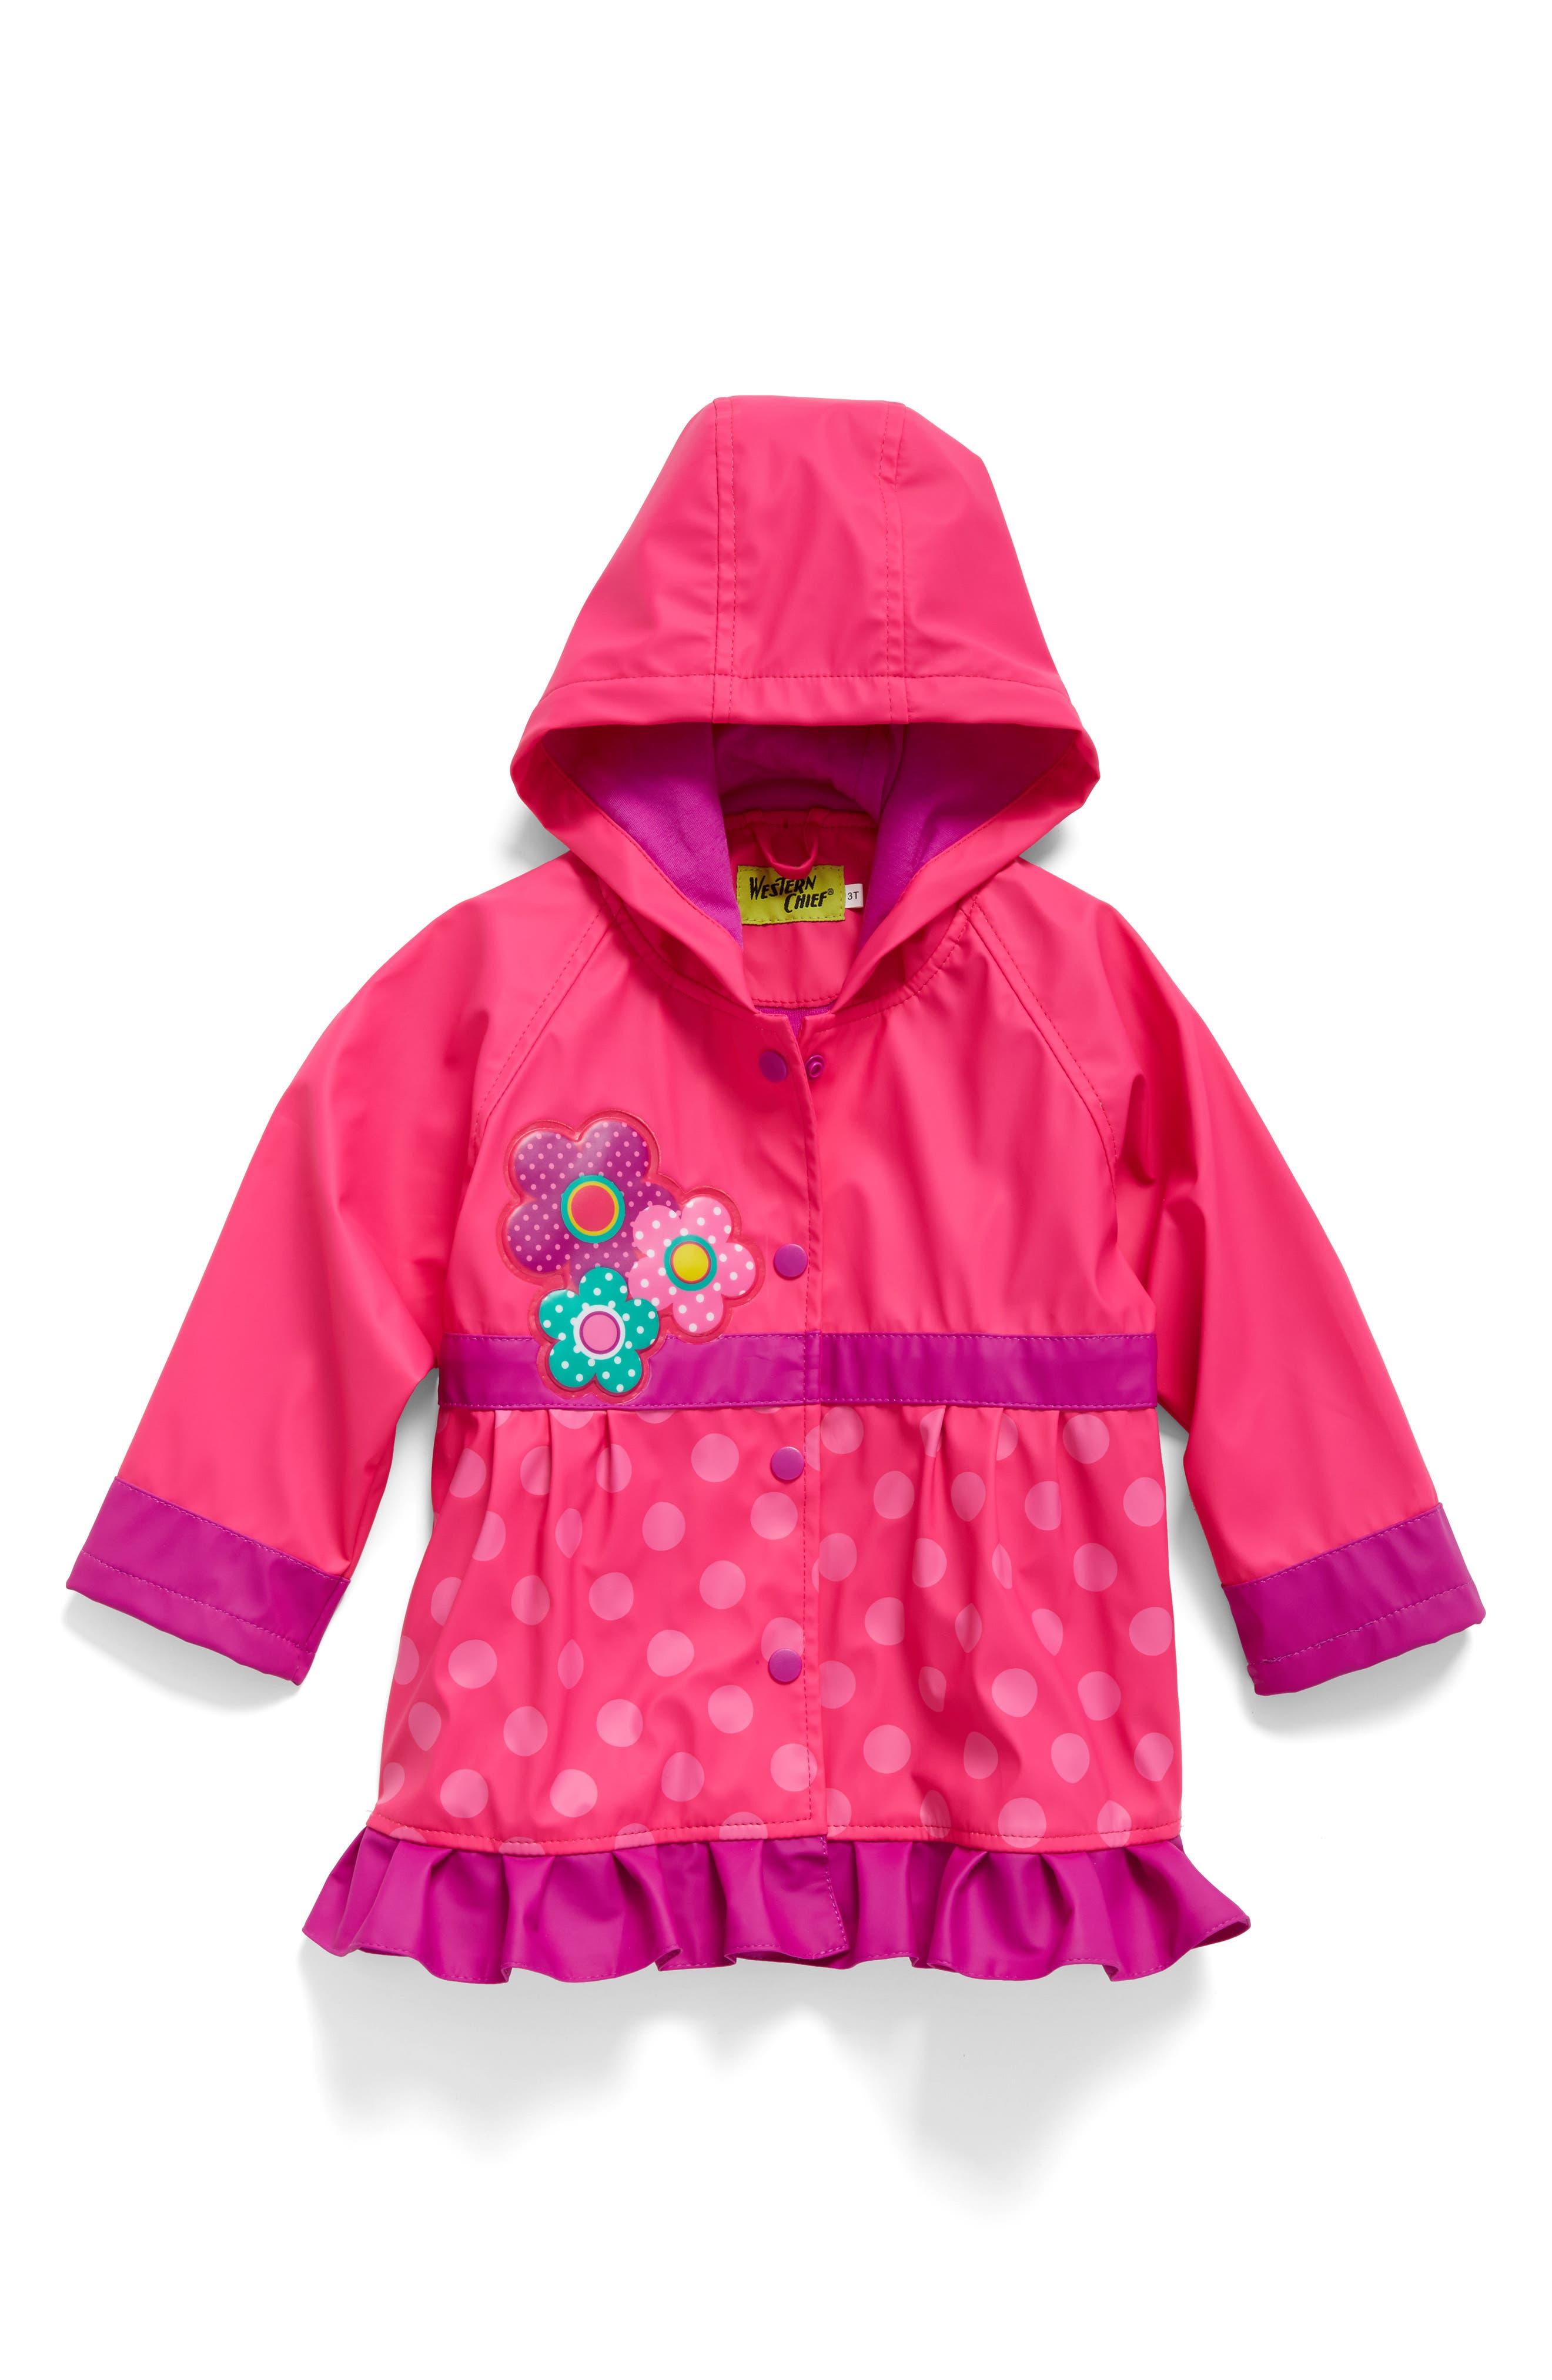 Flower Cutie Raincoat,                             Main thumbnail 1, color,                             680